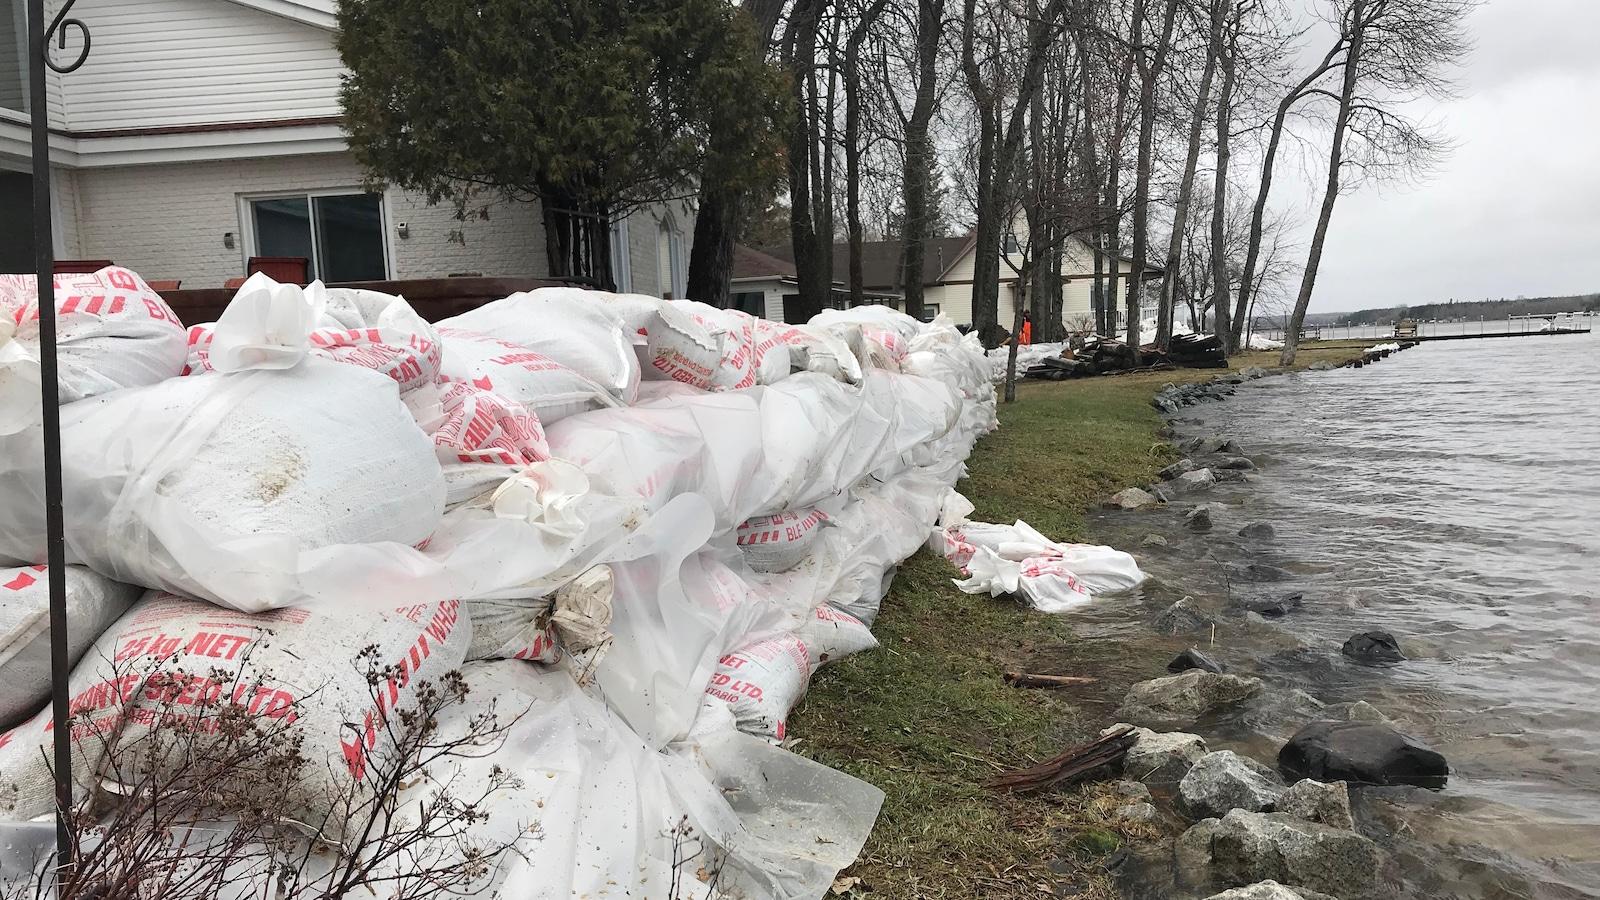 Des sacs de sable sont empilés aux abords d'un lac près de résidences.